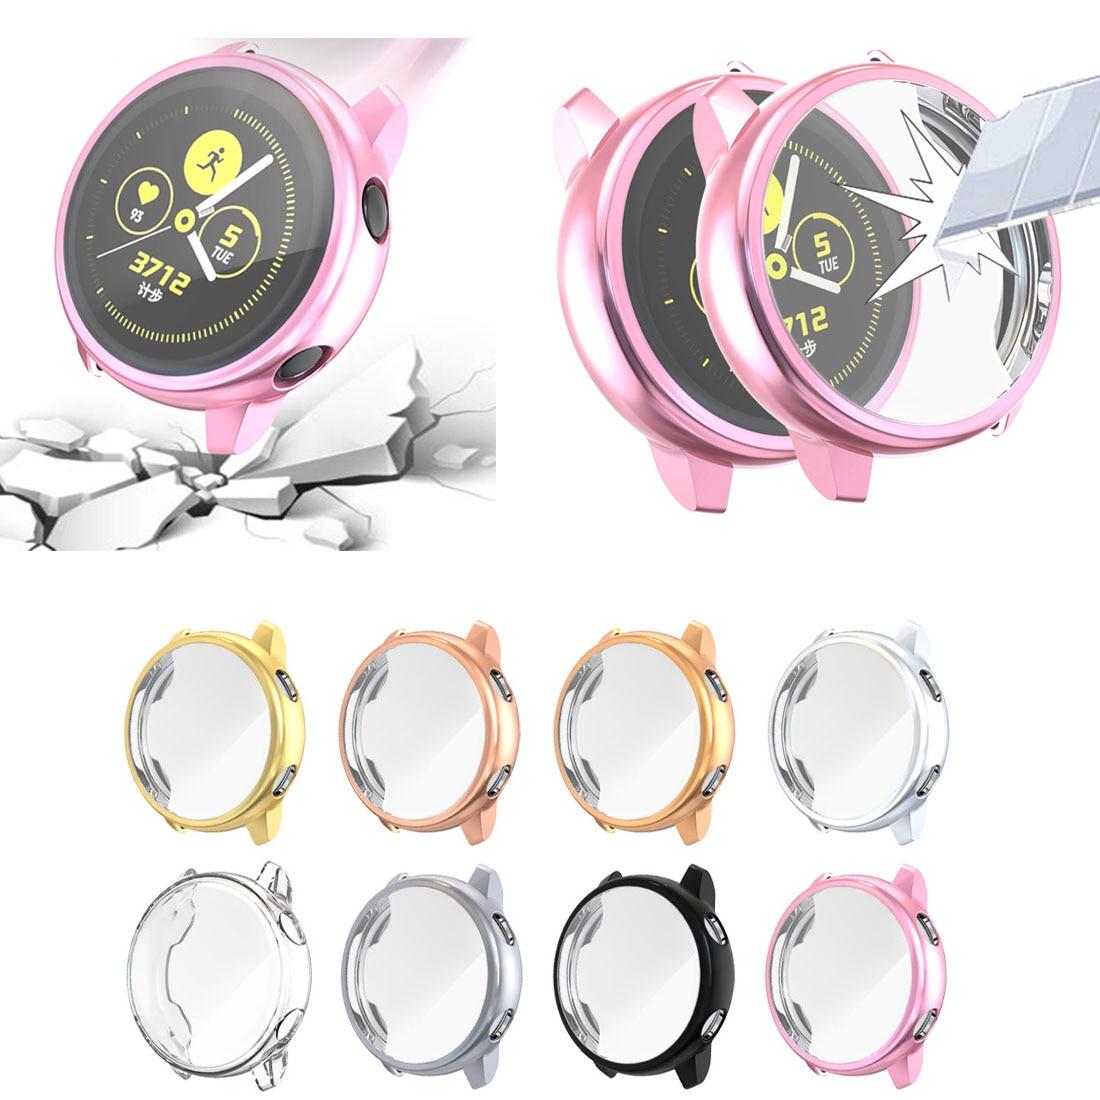 Funda protectora enchapada para Samsung Galaxy Watch funda de silicona suave Ultra fina activa para Galaxy Active 40mm SM-R500 caso de Shell